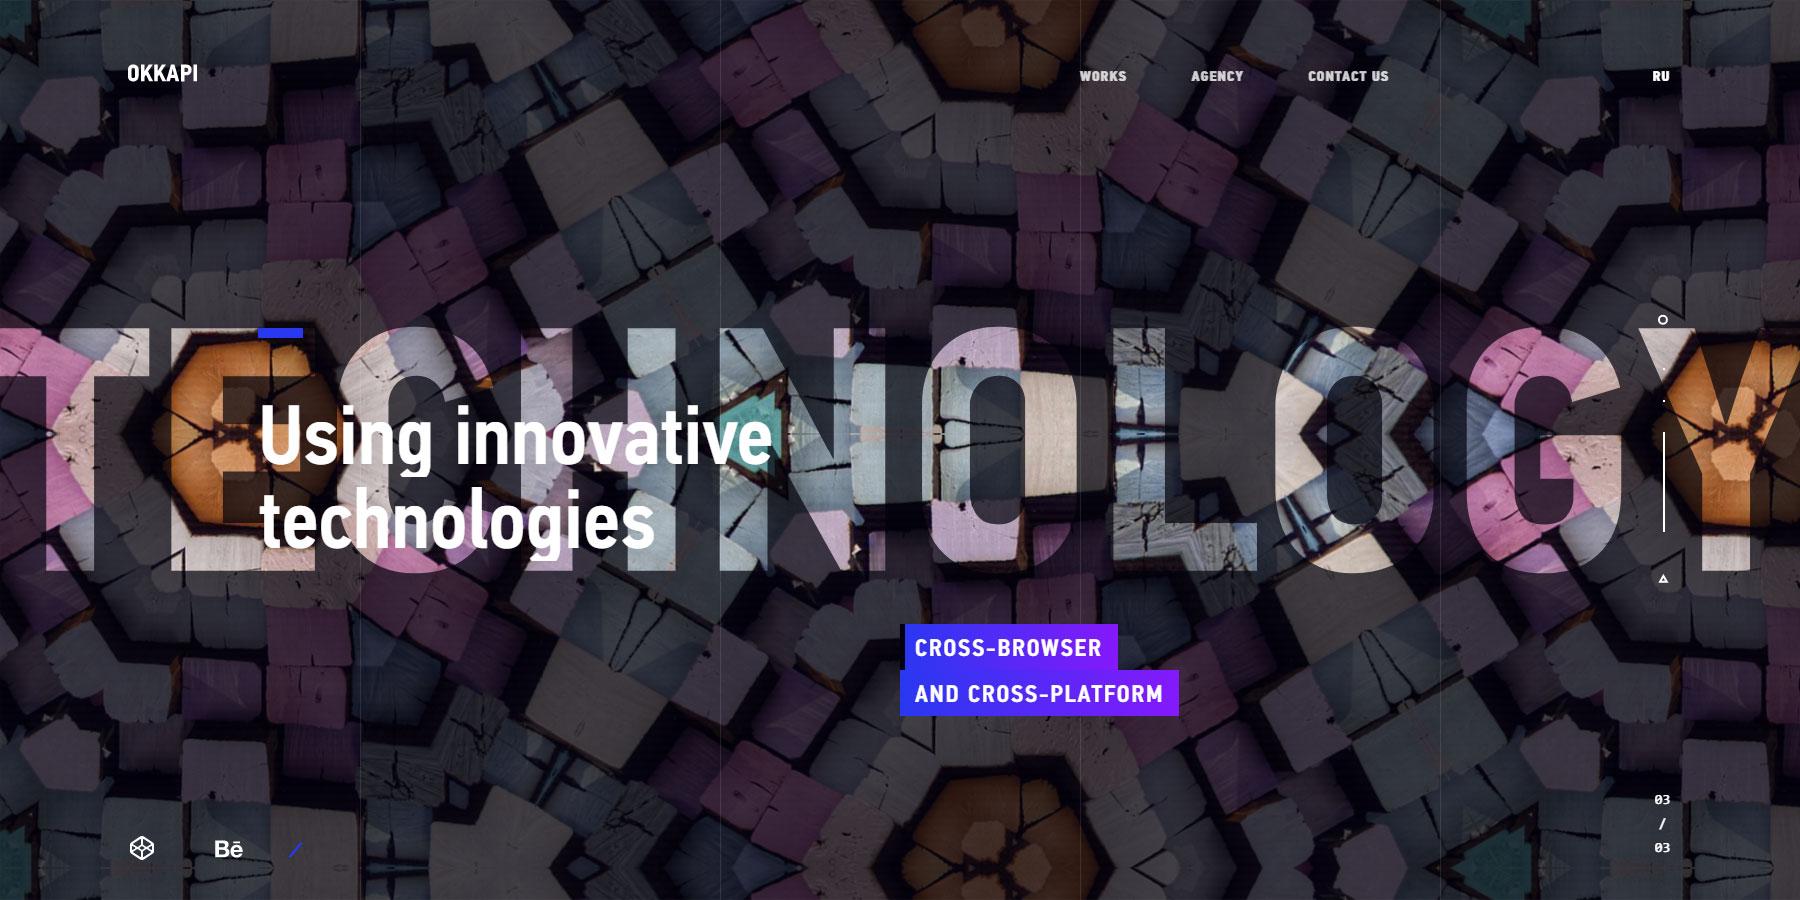 OKKAPI - Website of the Day